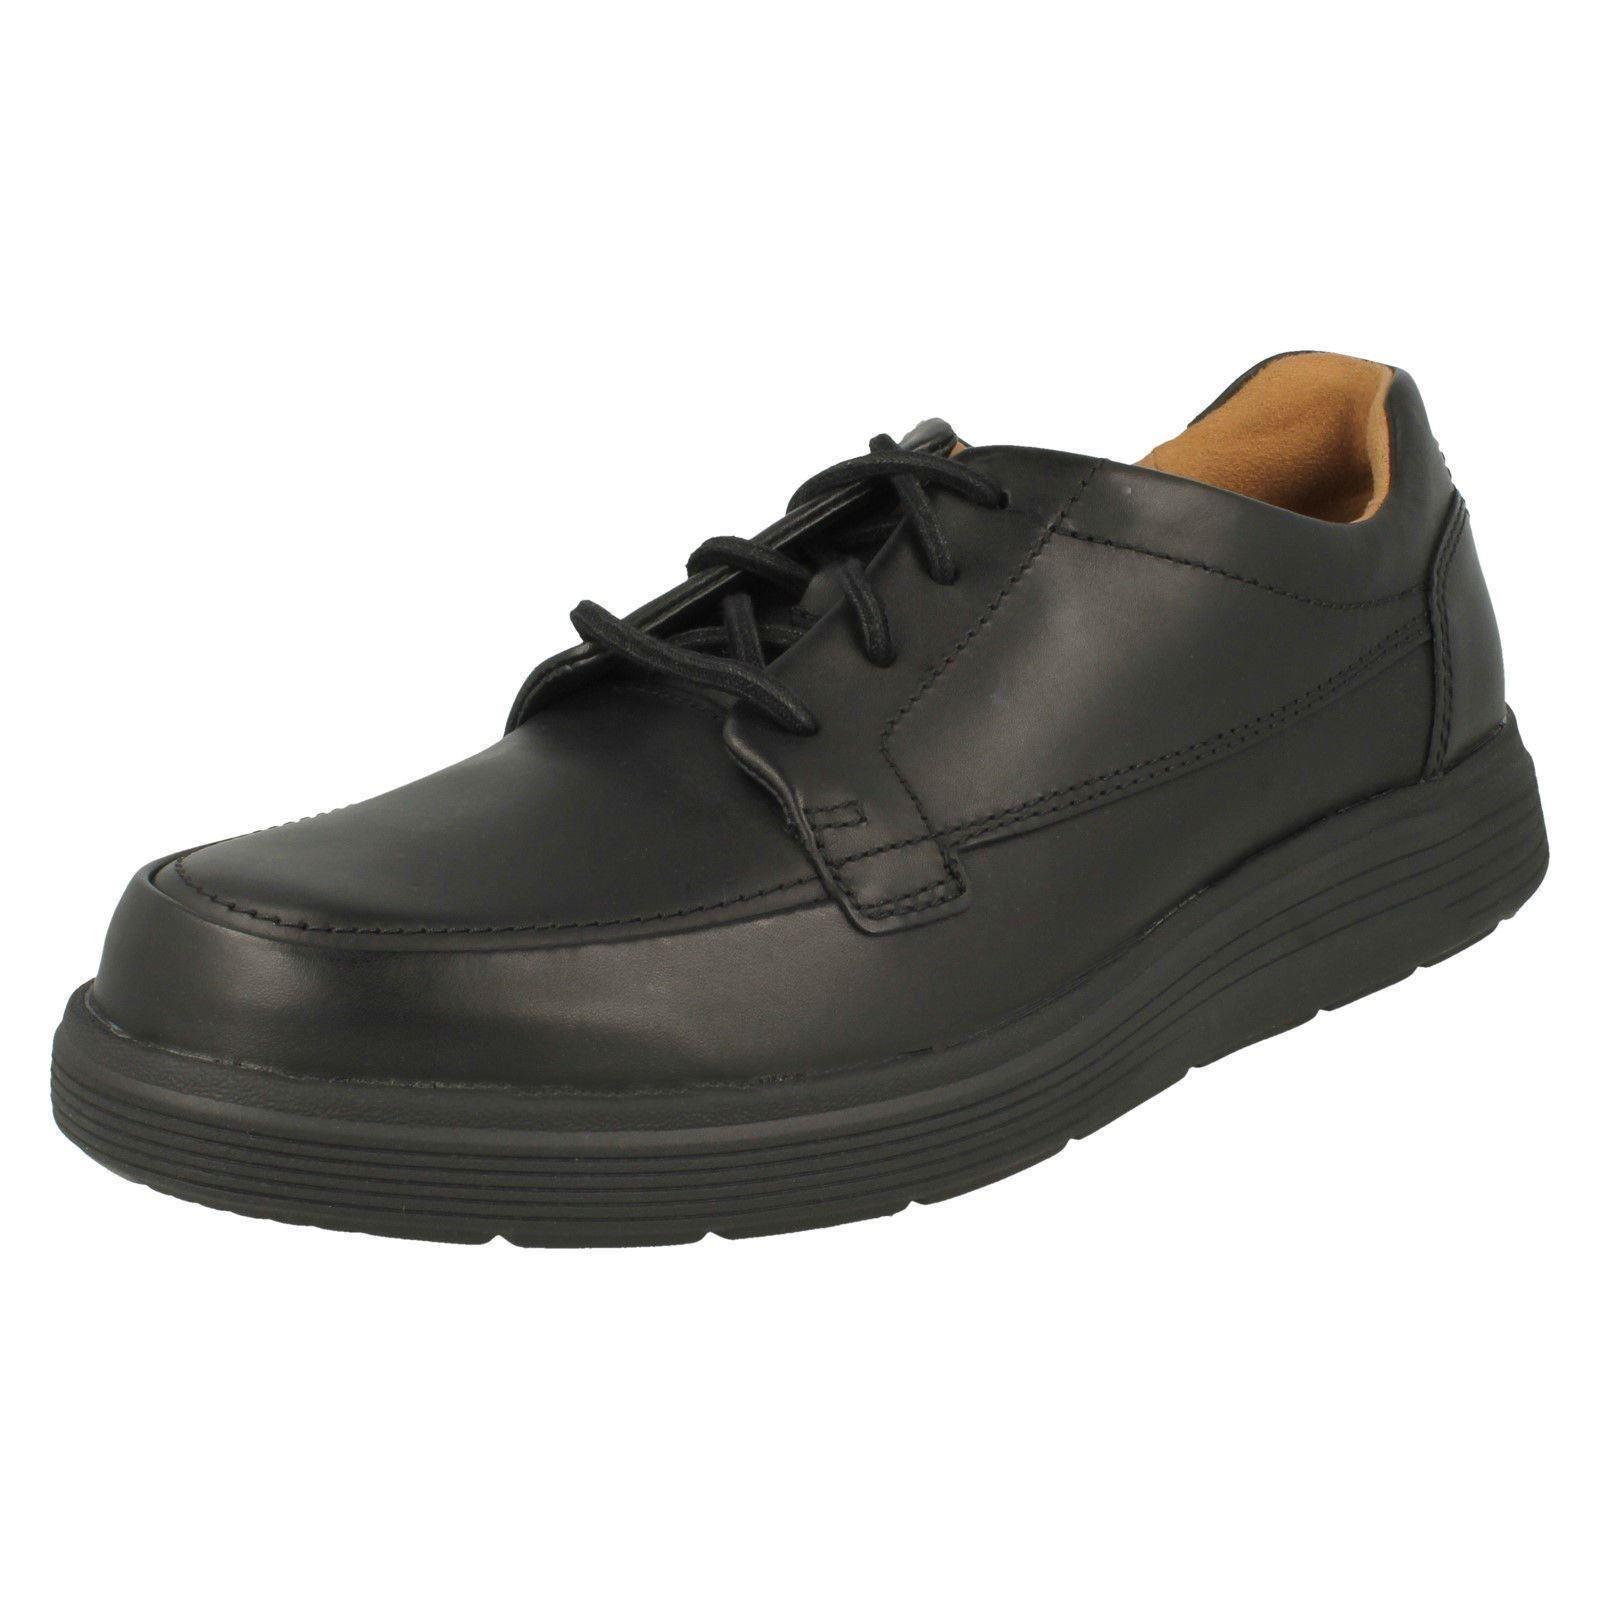 Mens Clarks Lace Up Formal shoes 'Un Abode Ease'